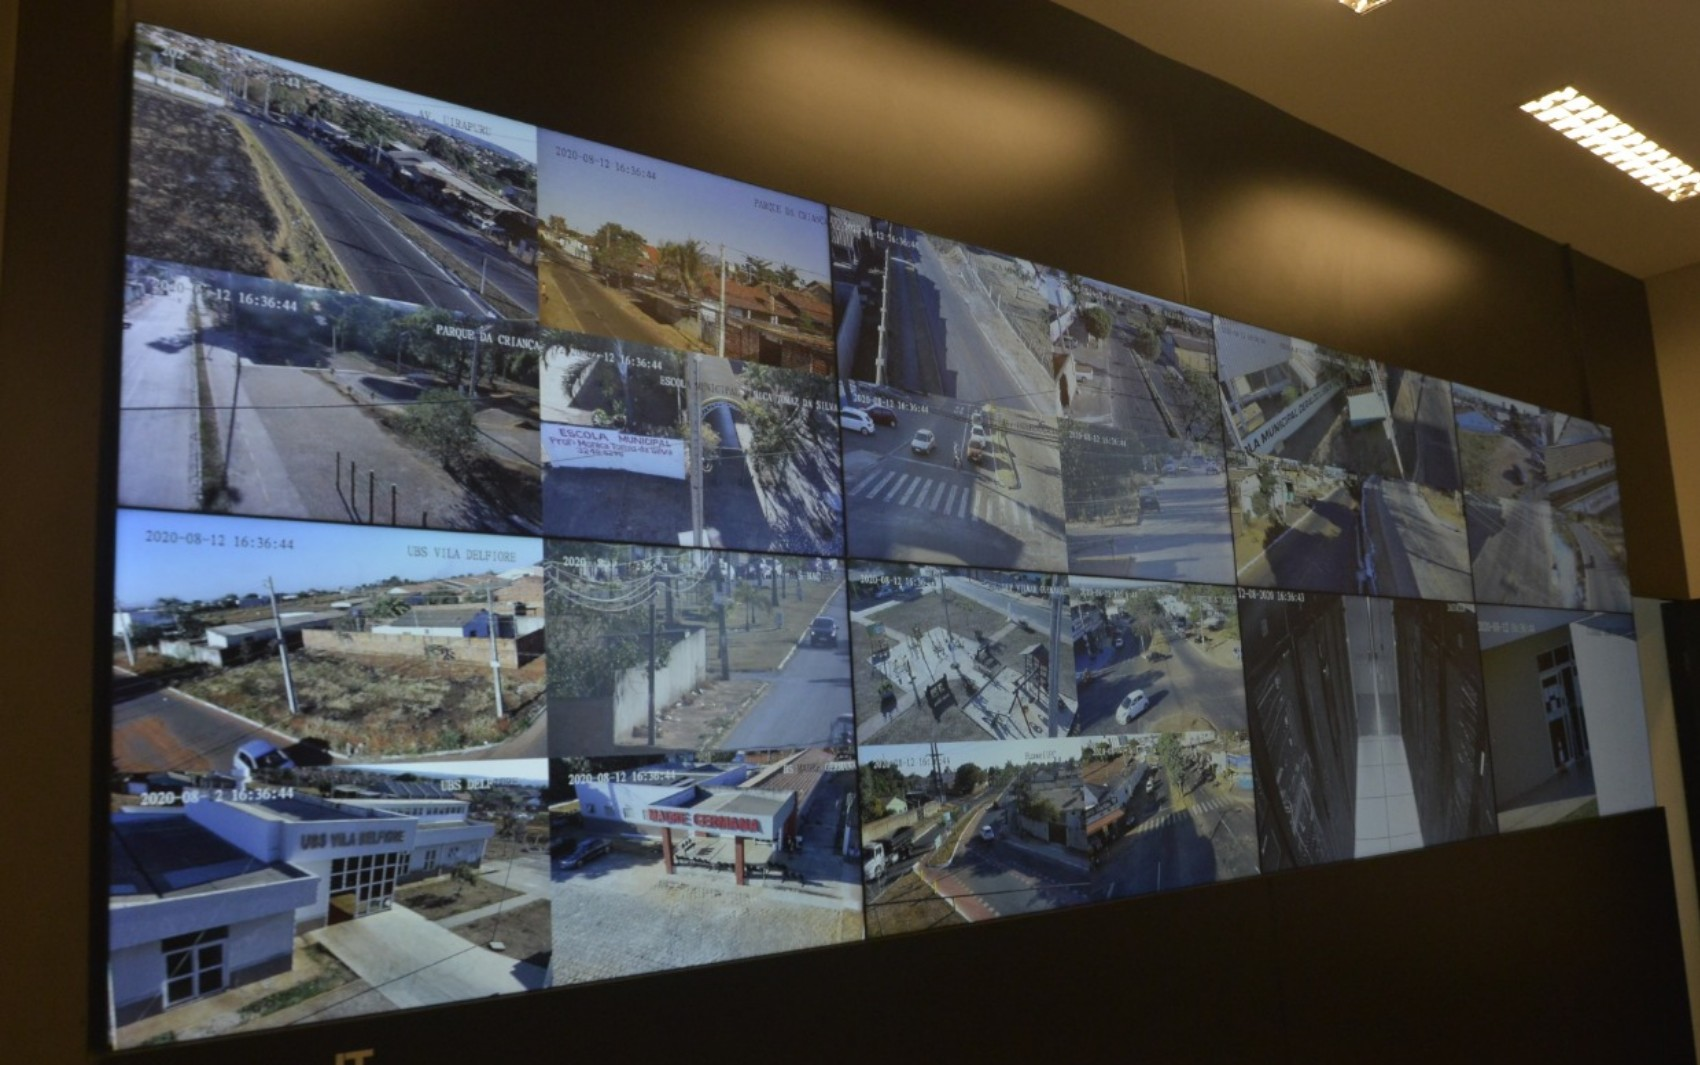 Aparecida de Goiânia inicia monitoramento com 650 câmeras que fazem reconhecimento facial e até de placas de veículos